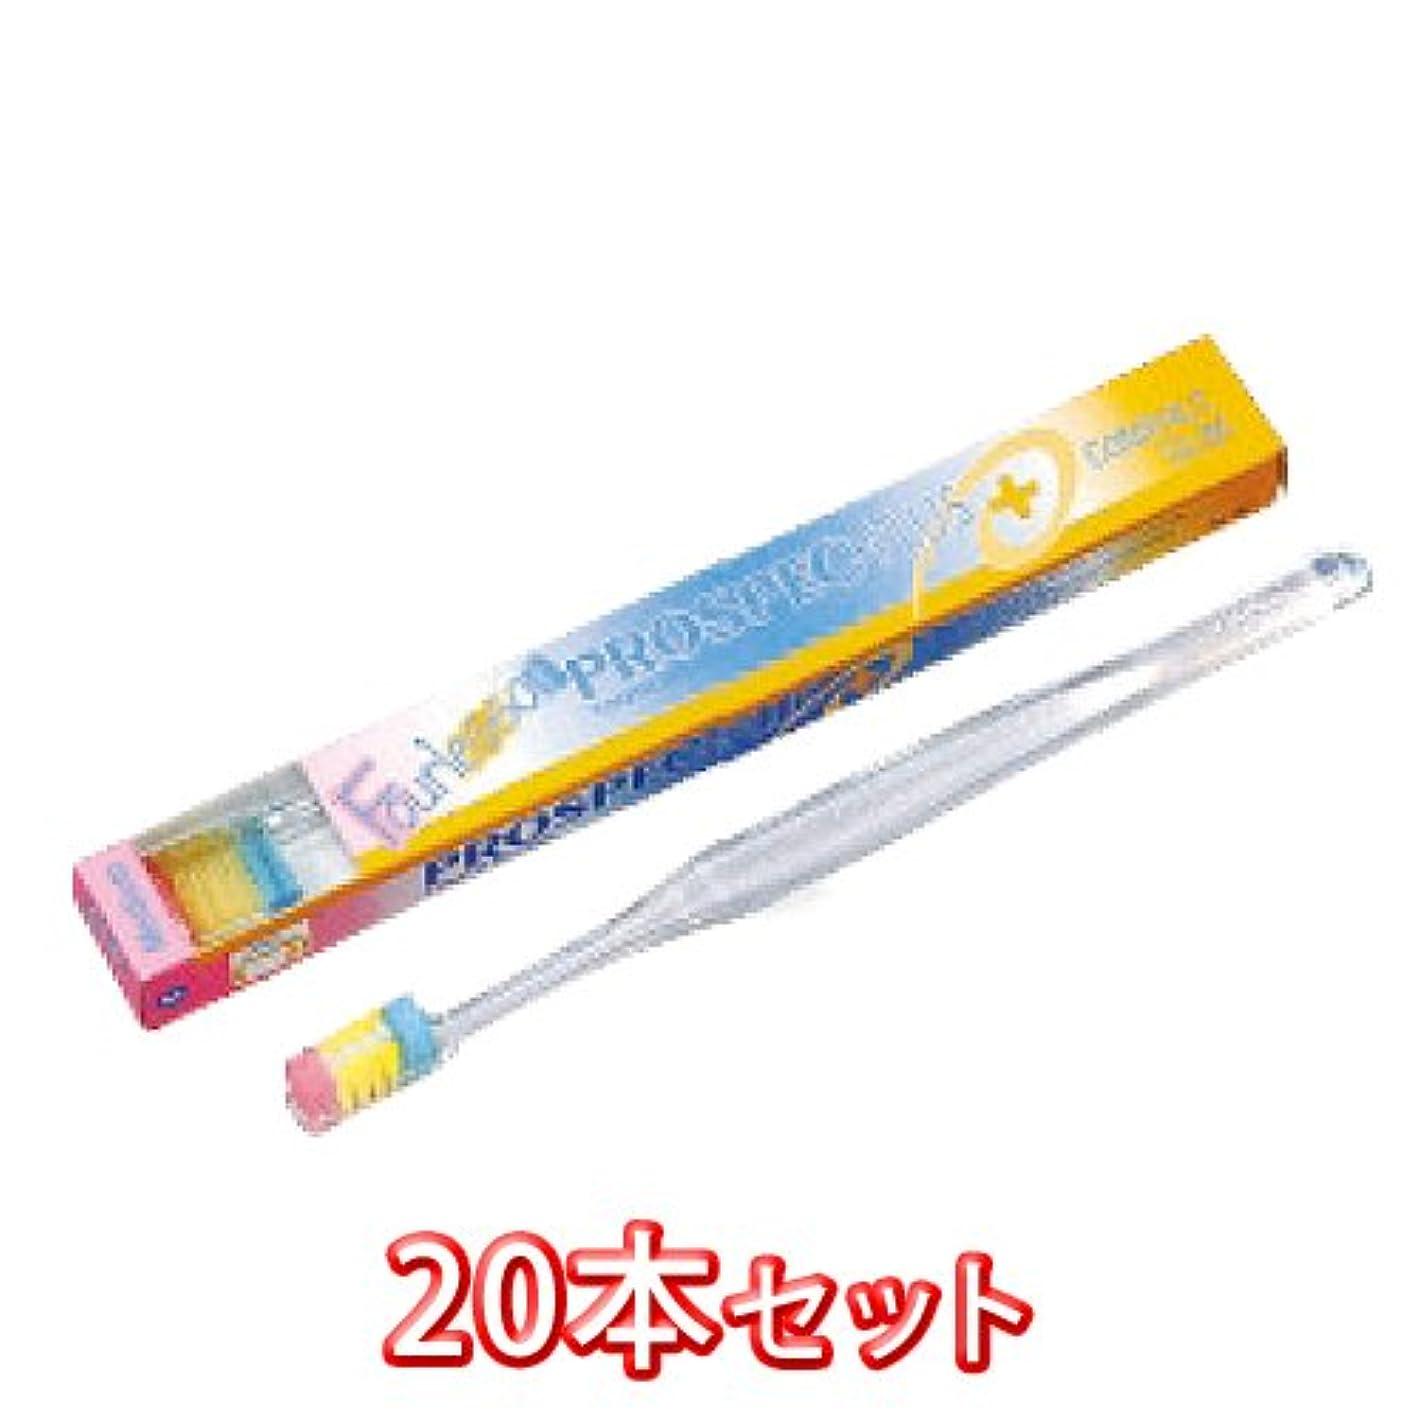 委員会耐えるダイヤルプロスペック 歯ブラシ コンパクトスリム 20本入 フォーレッスン 毛の硬さ ふつう